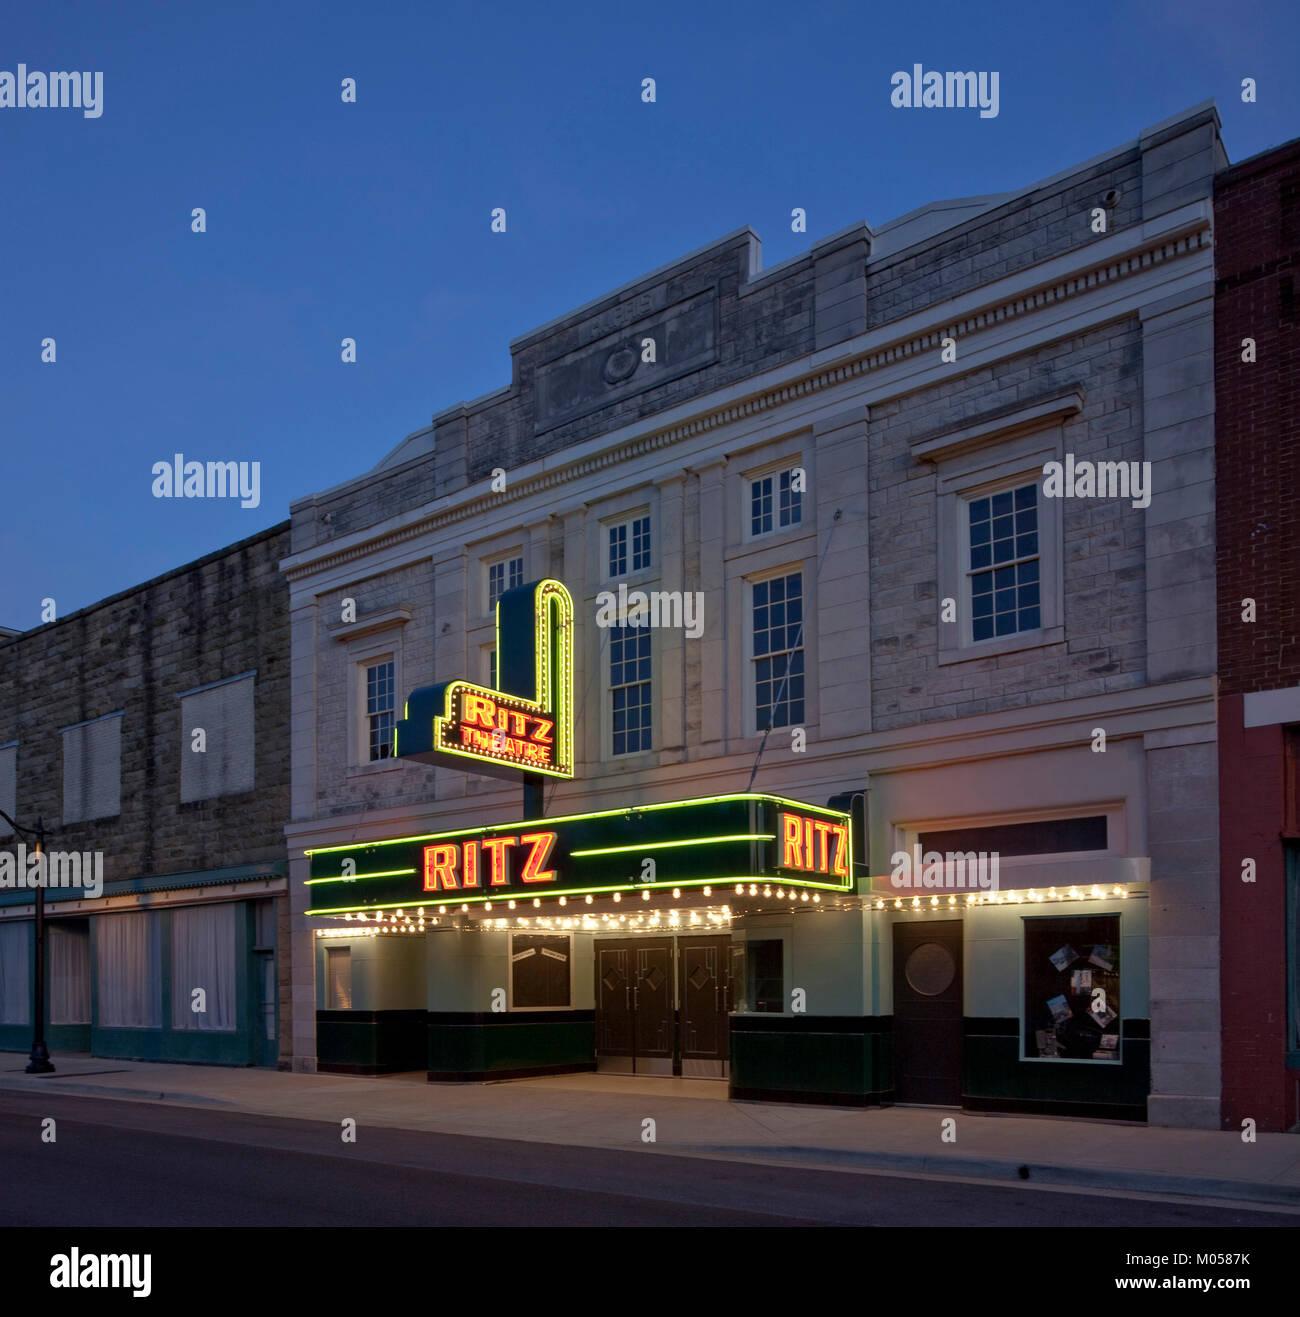 Ritz Theater Silent Film Filme Stockbild